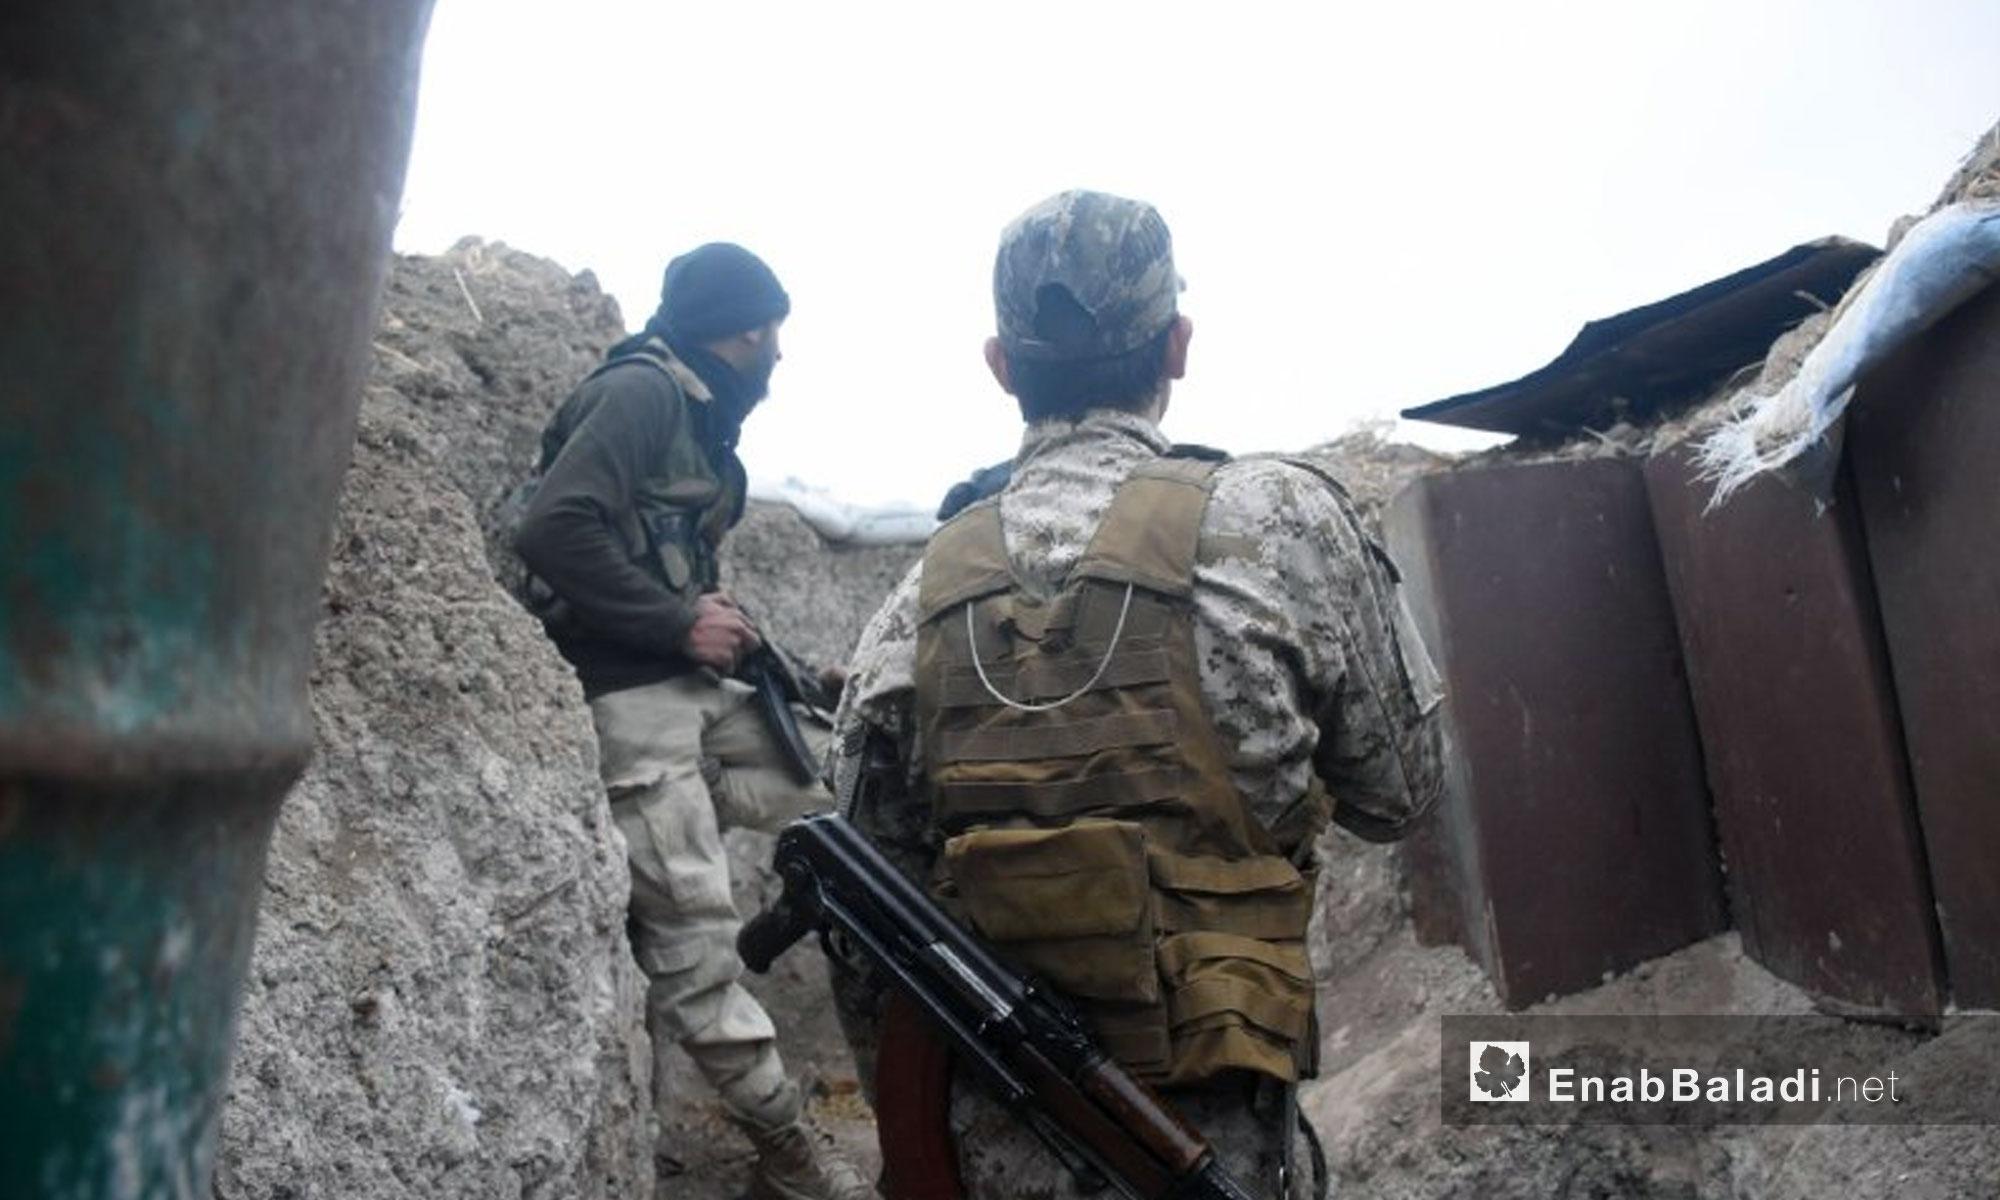 عناصر من جيش الإسلام في بلدة حوش الضواهرة بالغوطة الشرقية - 13 شباط 2018 (عنب بلدي)